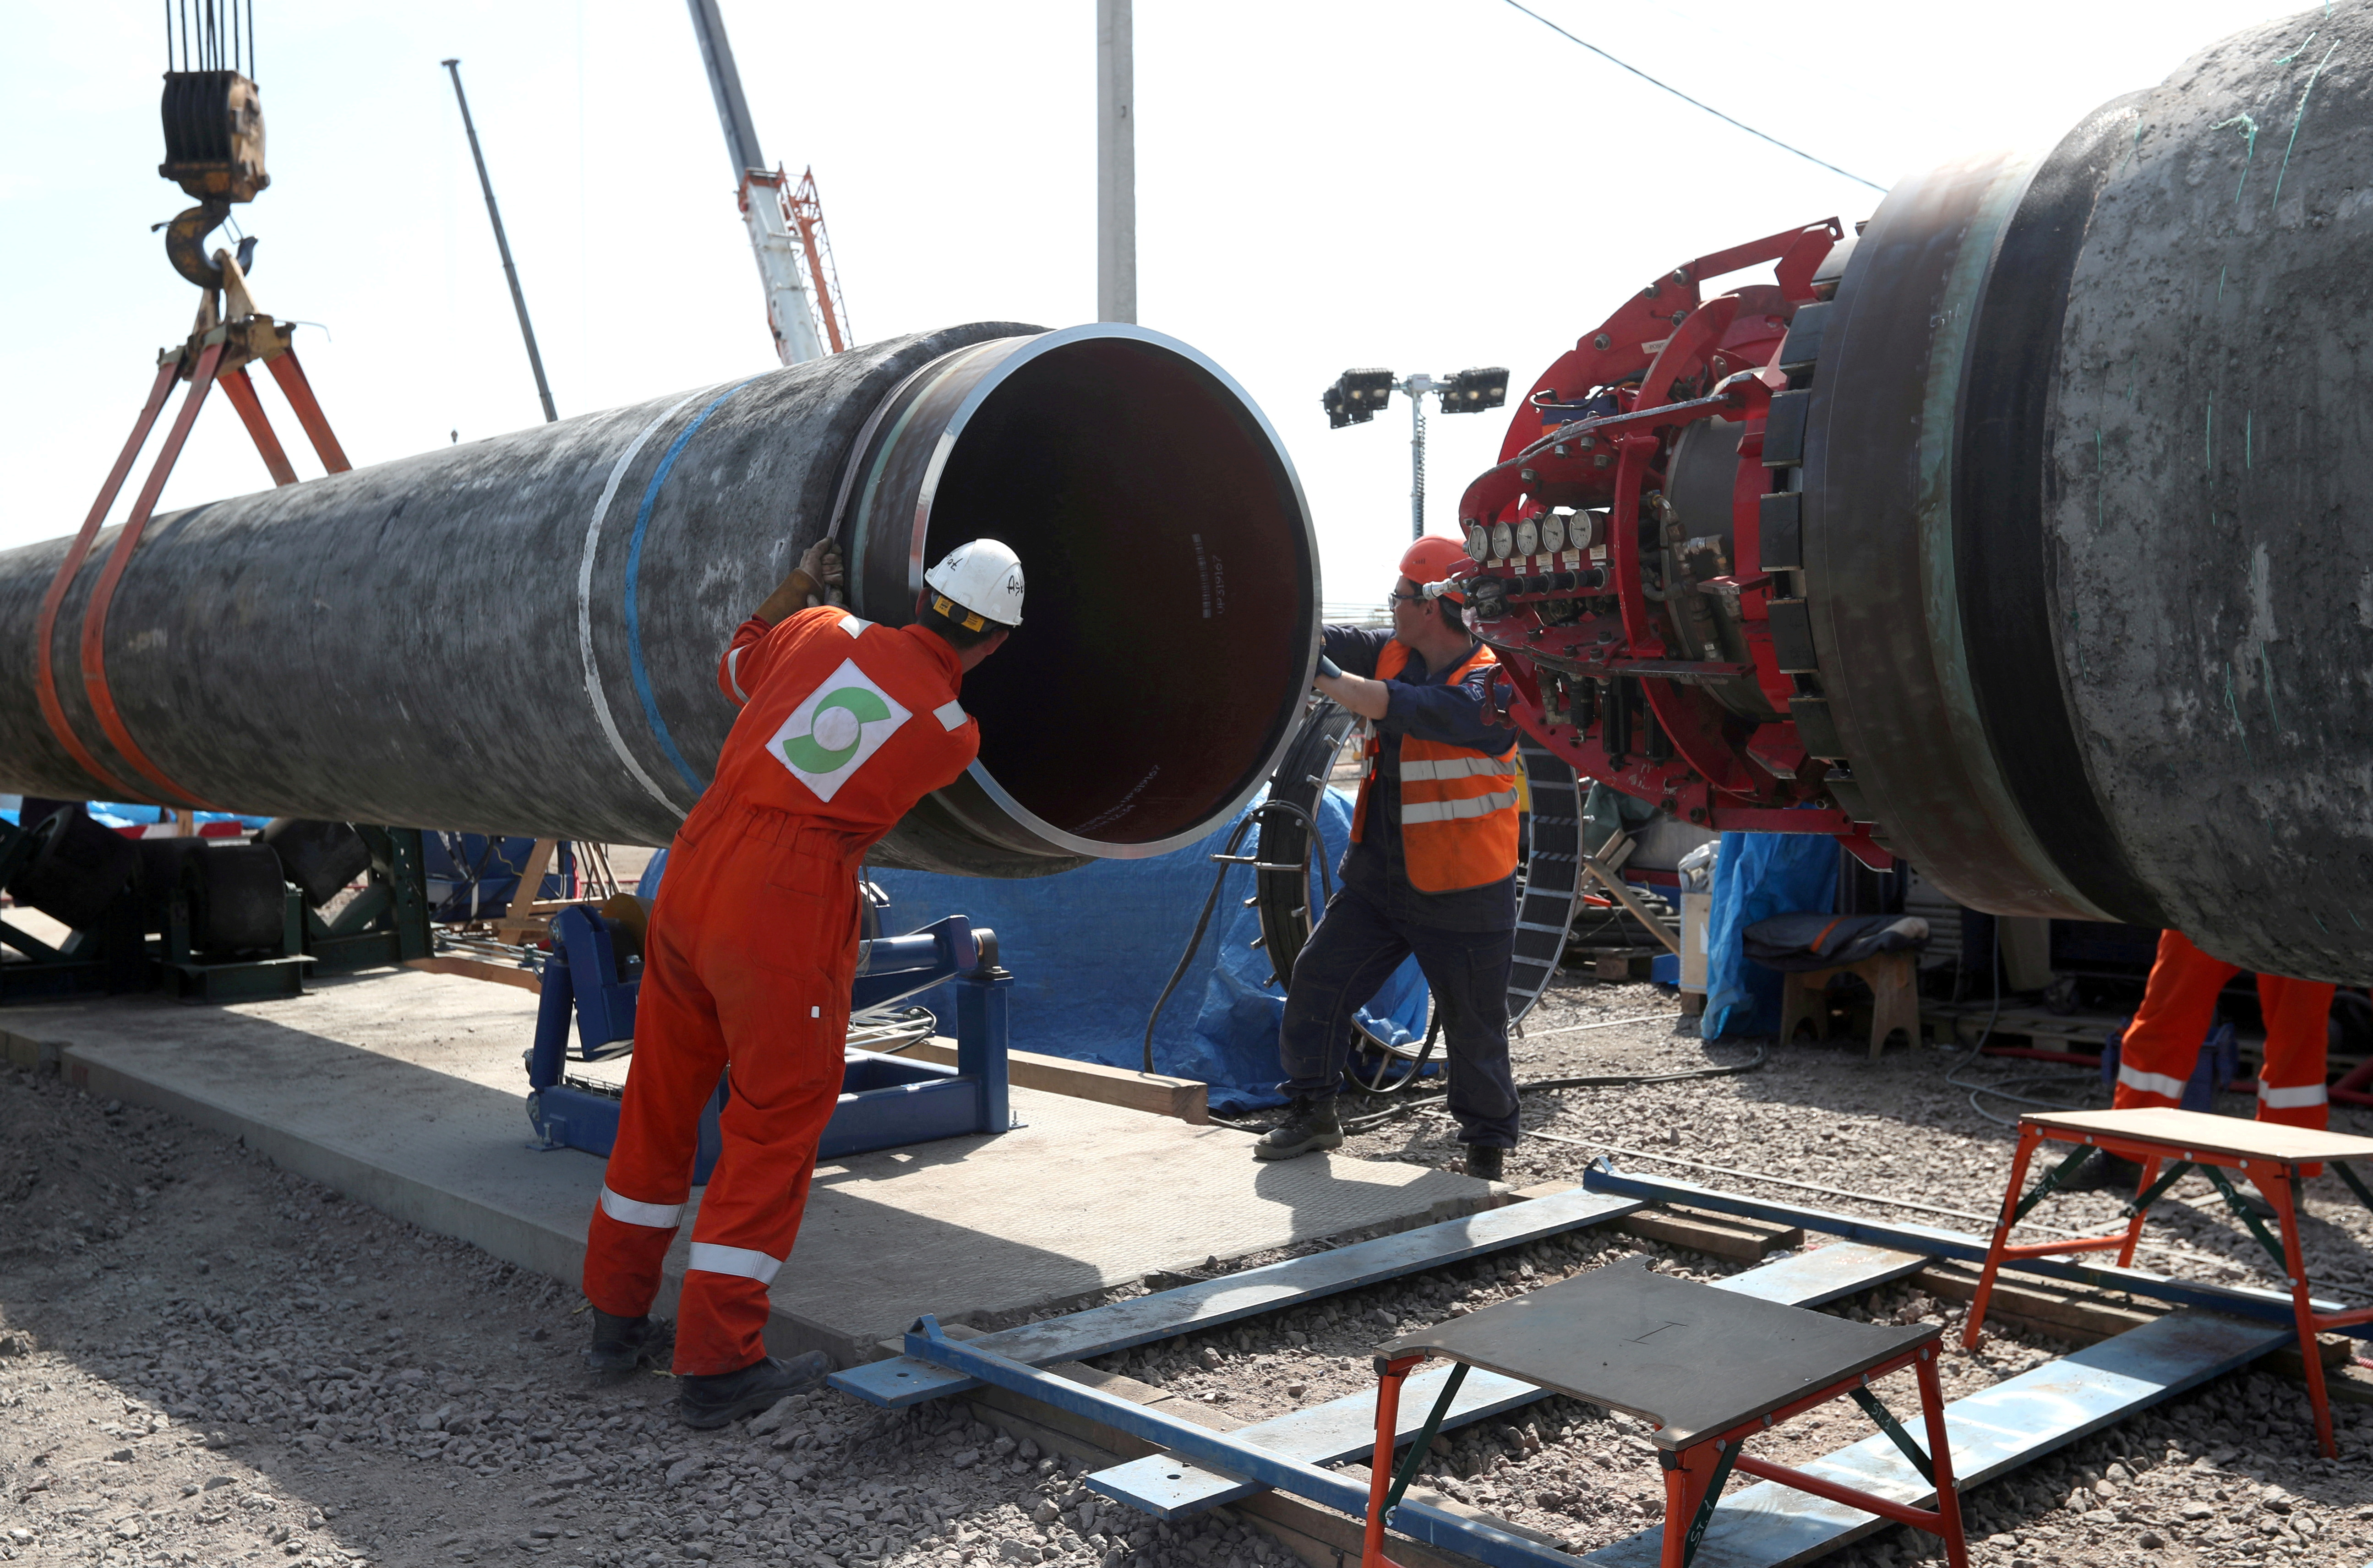 Ang mga manggagawa ay nakikita sa lugar ng konstruksyon ng Nord Stream 2 gas pipeline, malapit sa bayan ng Kingisepp, rehiyon ng Leningrad, Russia, Hunyo 5, 2019. REUTERS / Anton Vaganov / File Photo